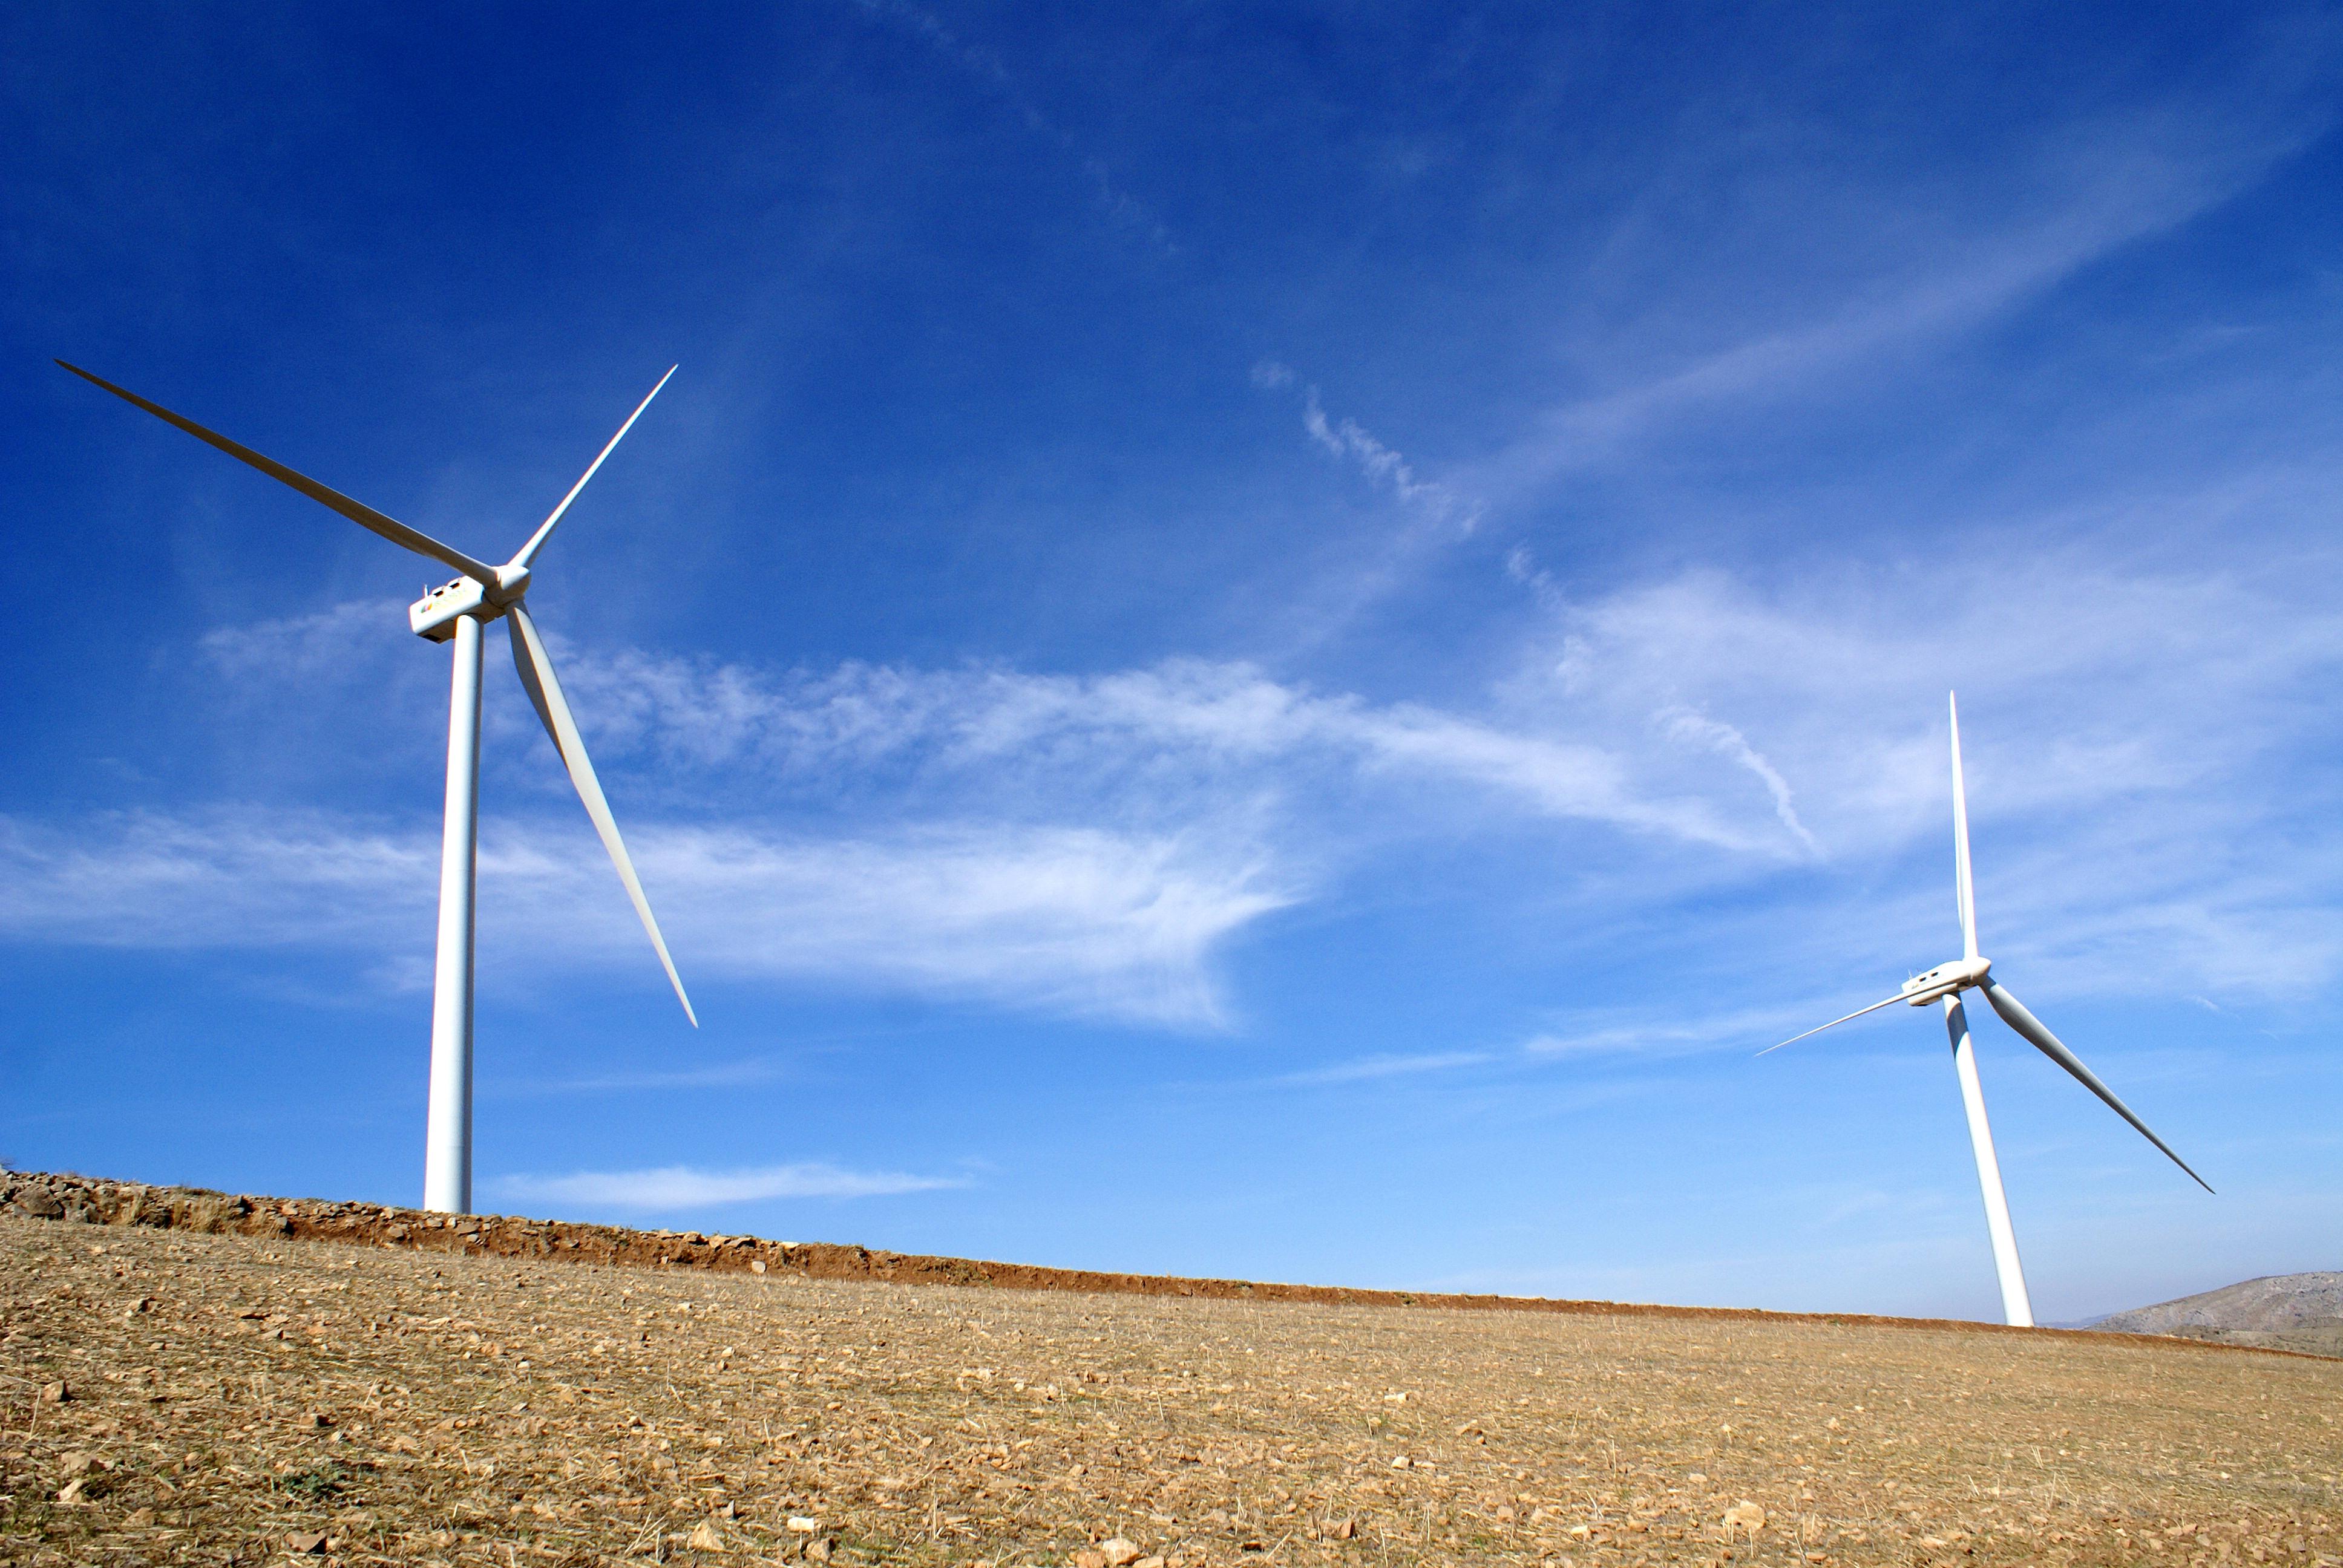 Energ a renovable fotos de interior - Fotos energias renovables ...